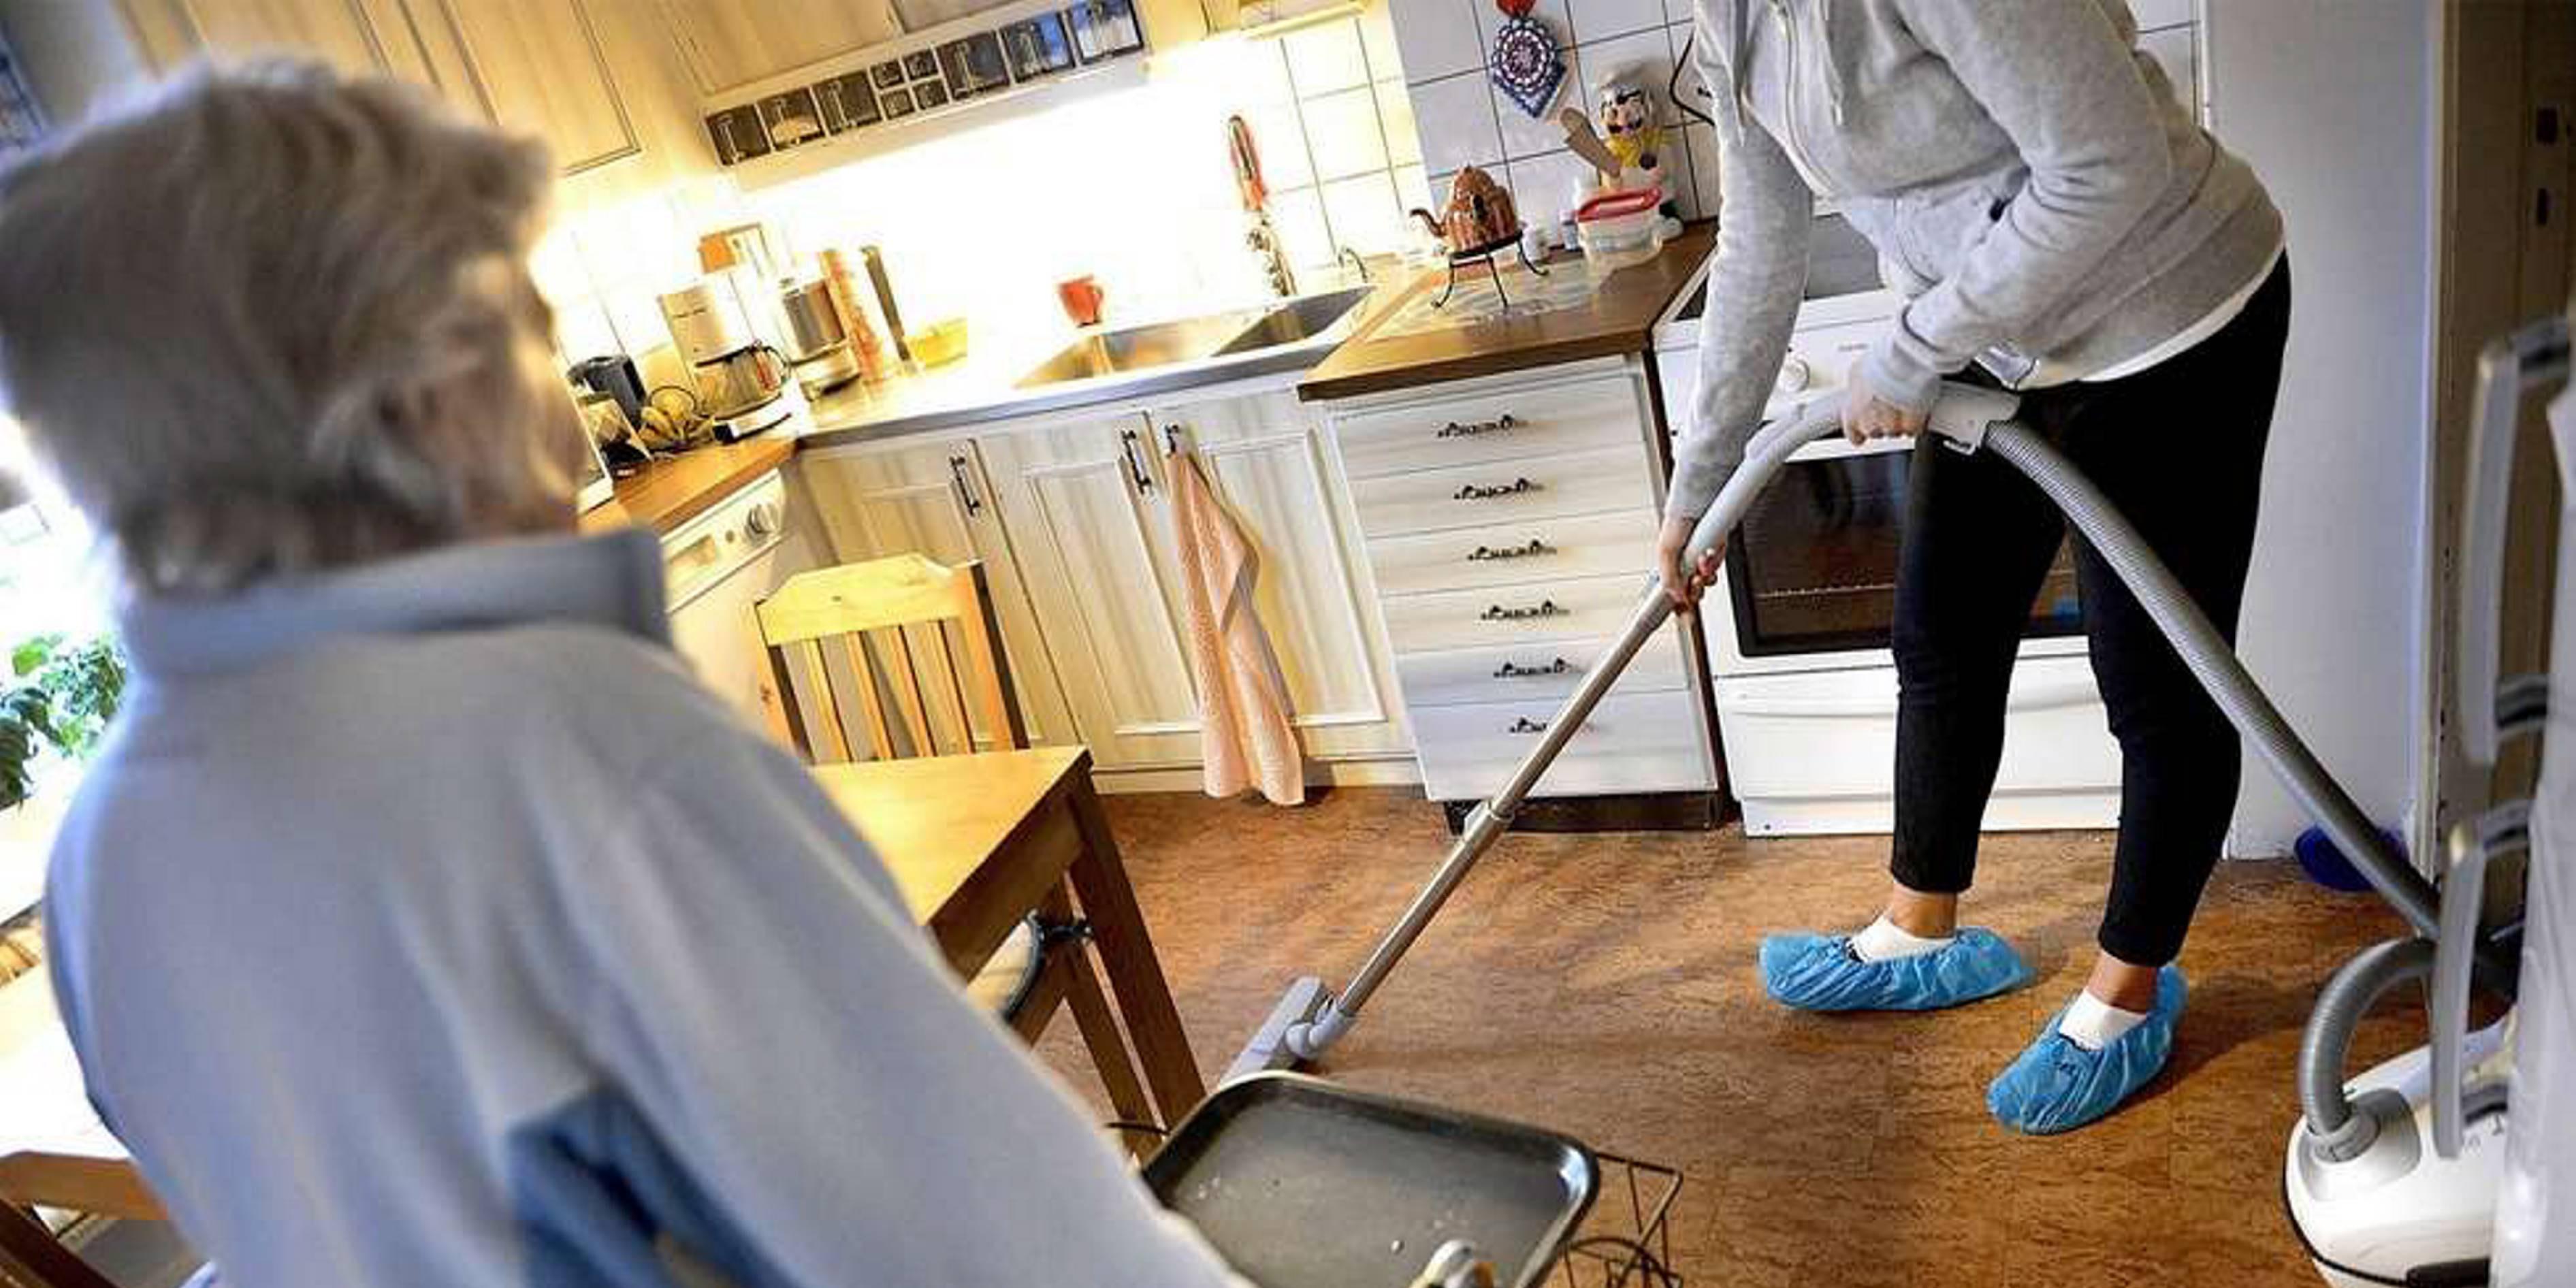 Lågt betyg för äldreomsorg i Härjedalen – många känner sig ensamma och saknar något att göra